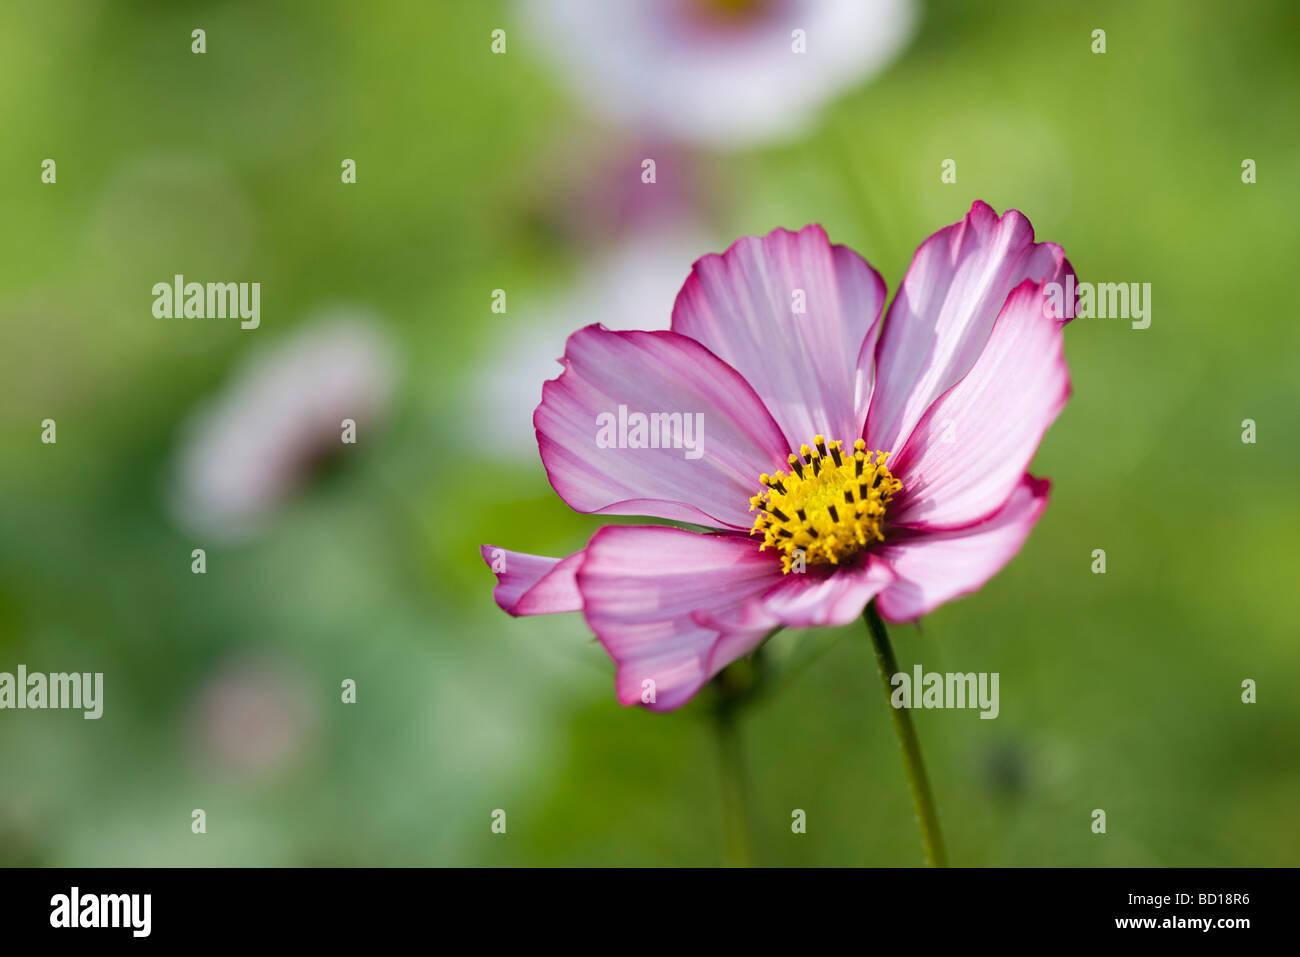 Cosmos Flower Perennial Stock Photos Cosmos Flower Perennial Stock